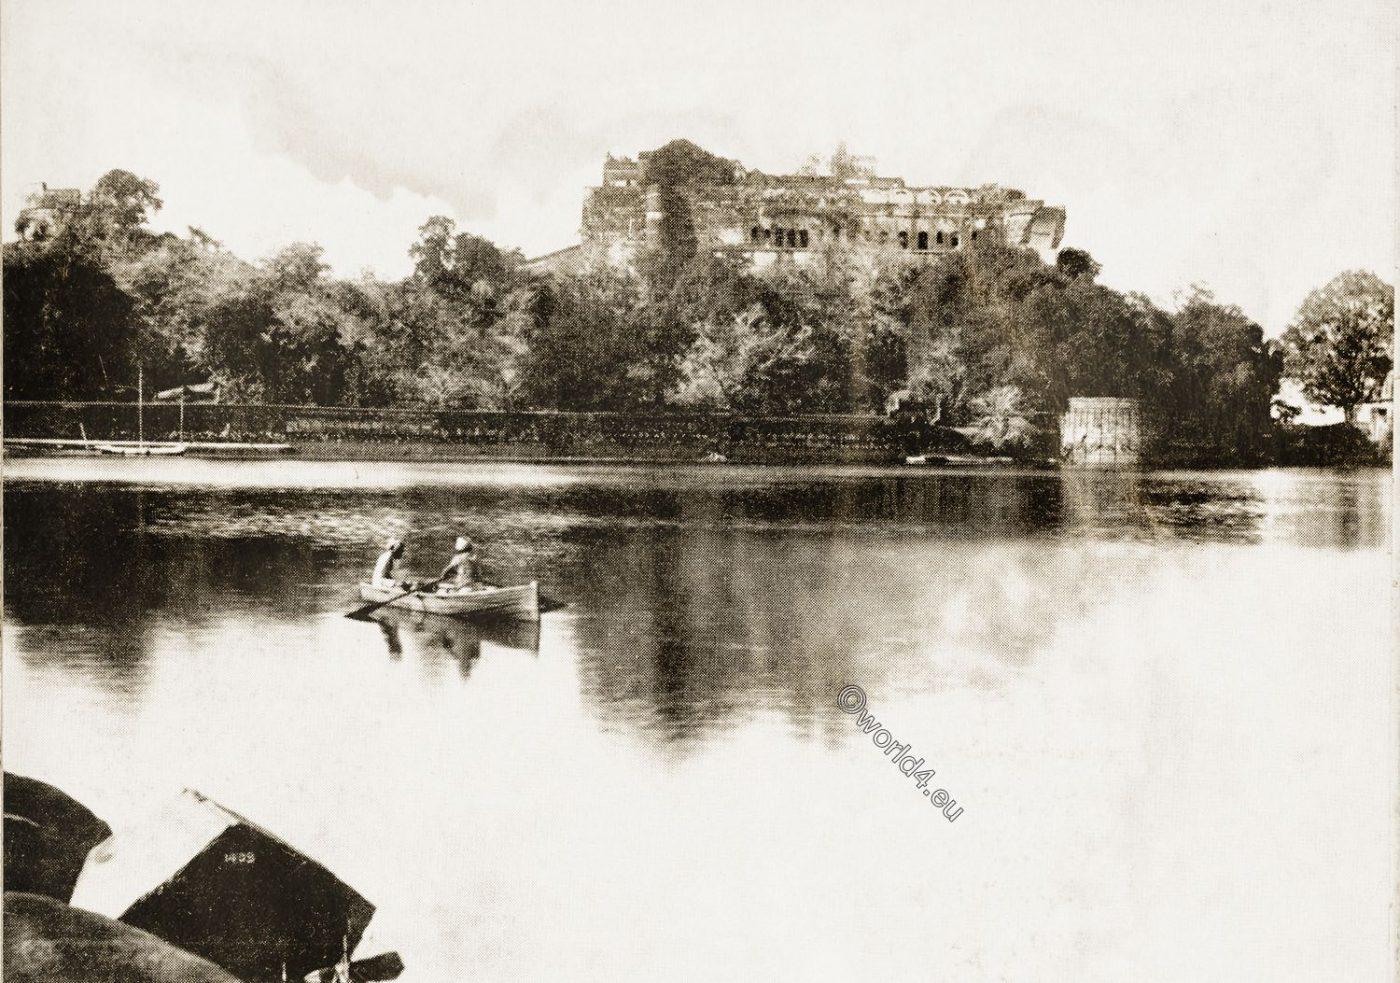 Tantia Topi, Fort, Barwar, India, uprising, Uttar Pradesh